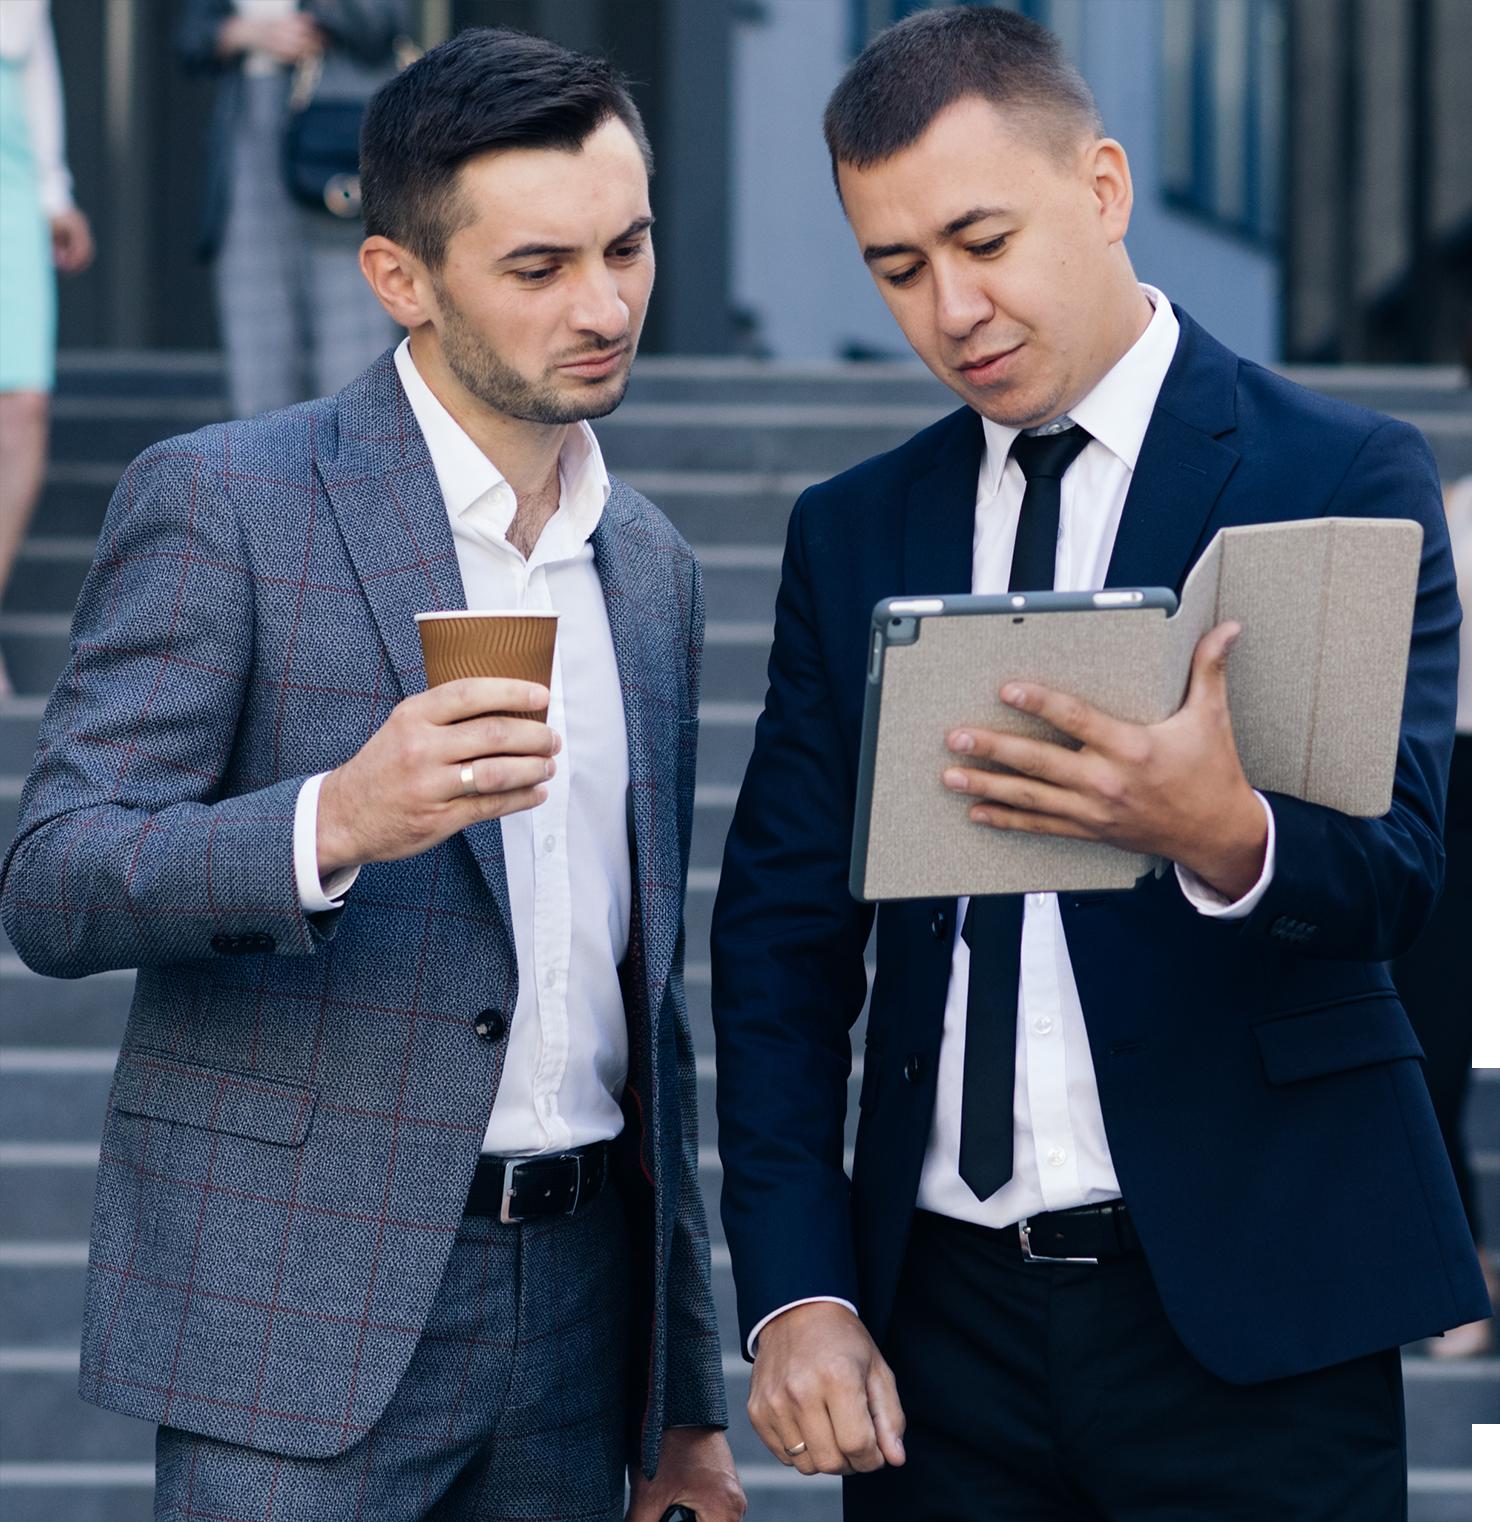 Deux personnes regardant une tablette